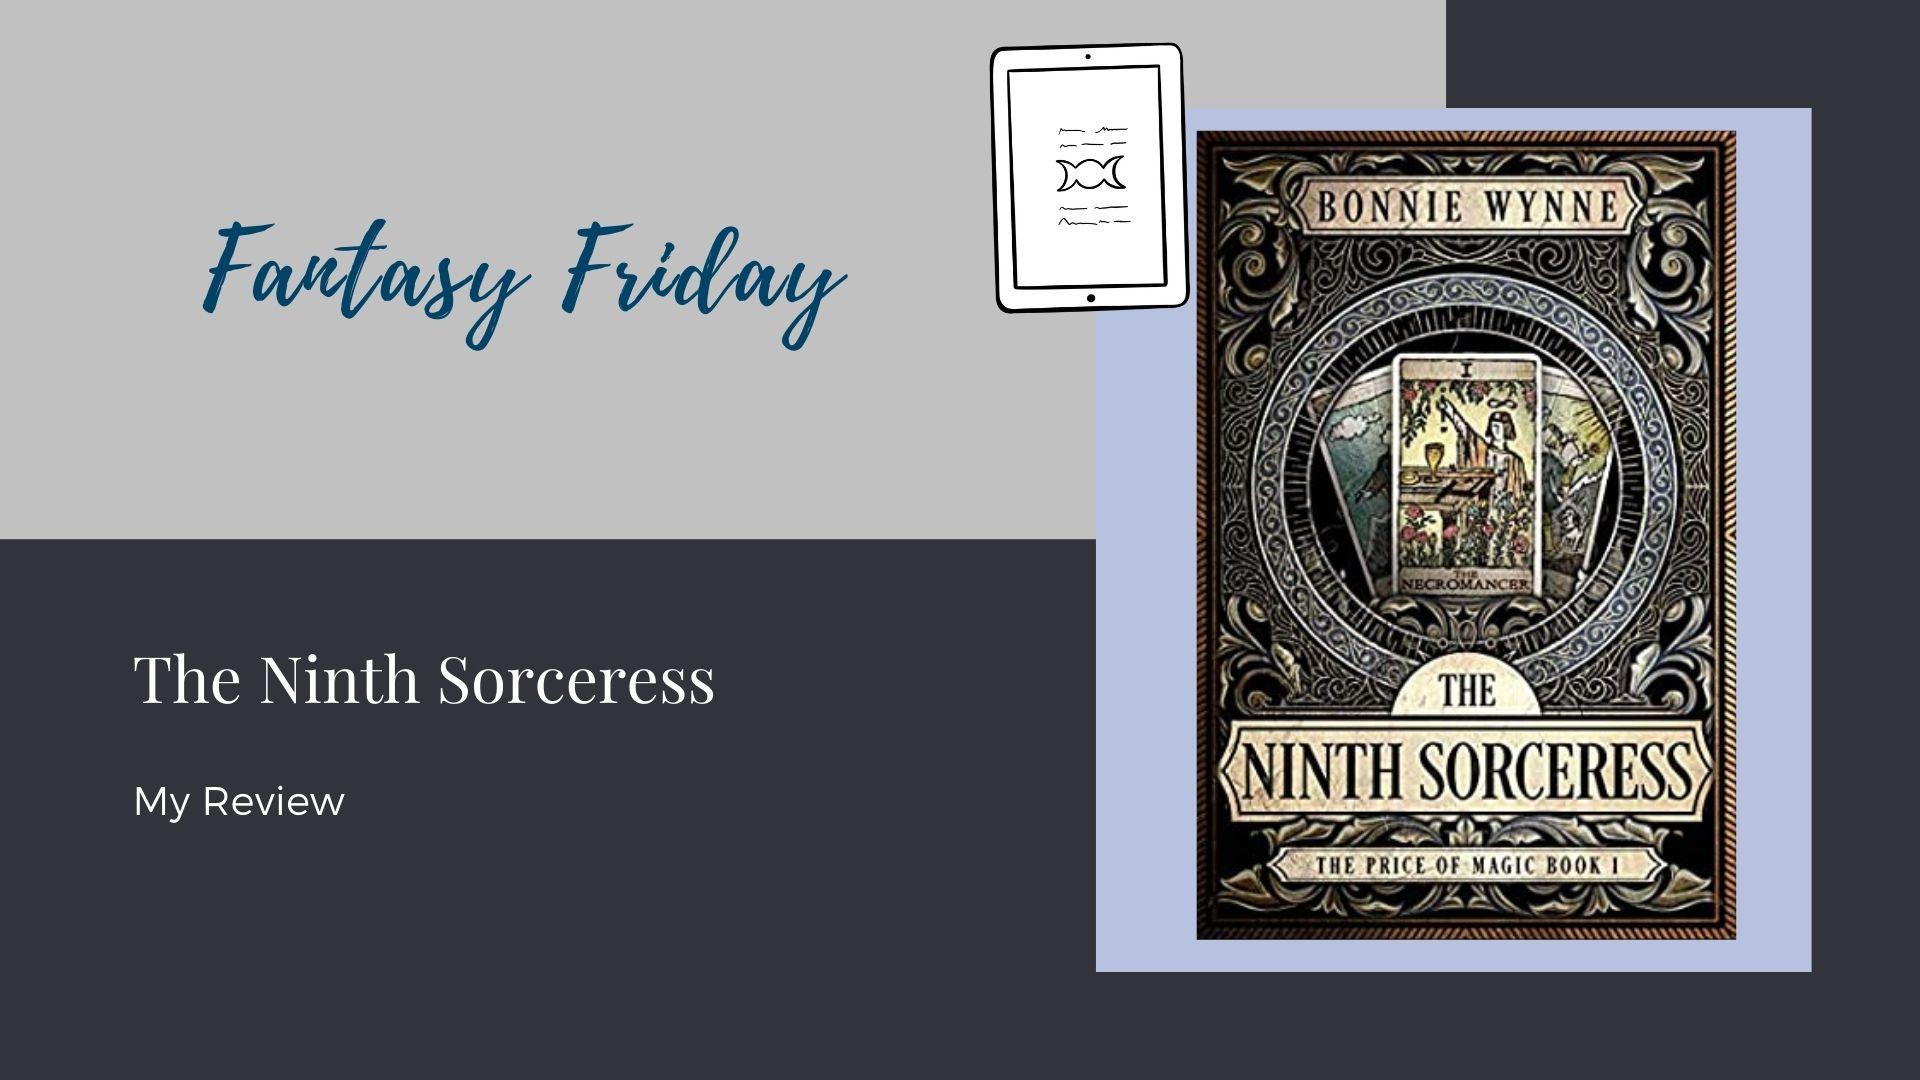 Fantasy Friday: The Ninth Sorceress by Bonnie Wynne